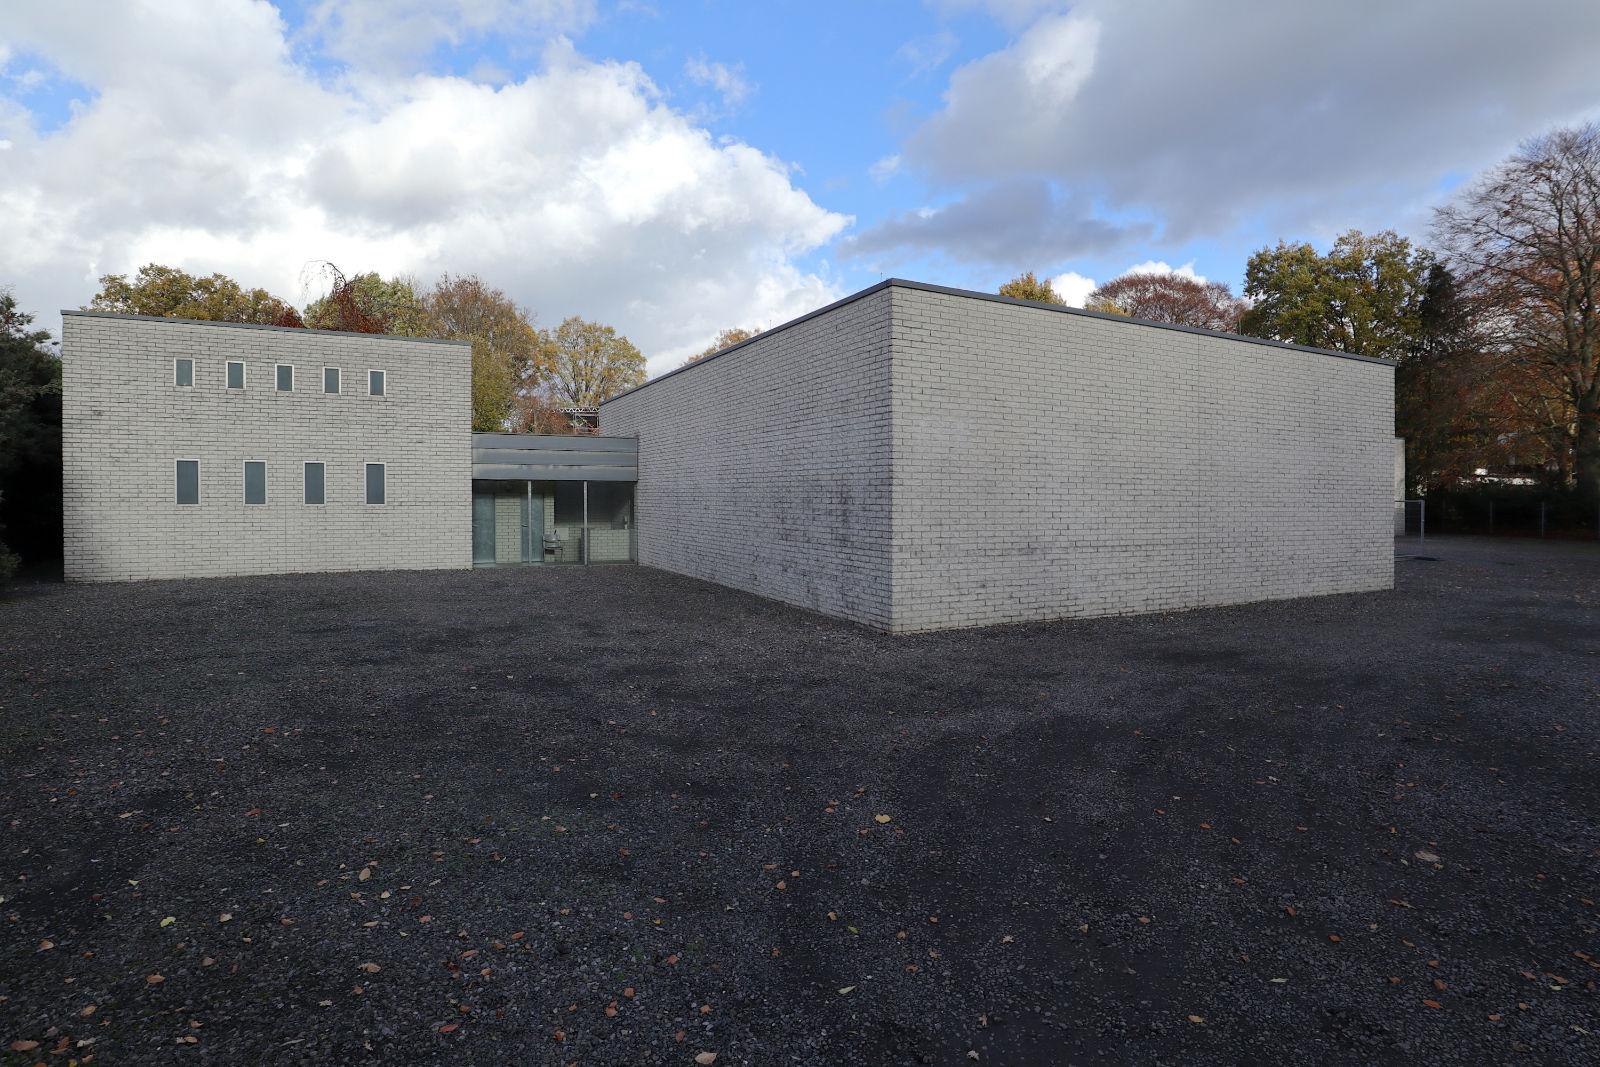 Situation Kunst (für Max Imdahl). 1990 wurde das Museum Situation Kunst (für Max Imdahl) fertiggestellt (Entwurf: Peter Forth) und 1991 in das Eigentum der Ruhr-Universität Bochum (RUB) überführt.